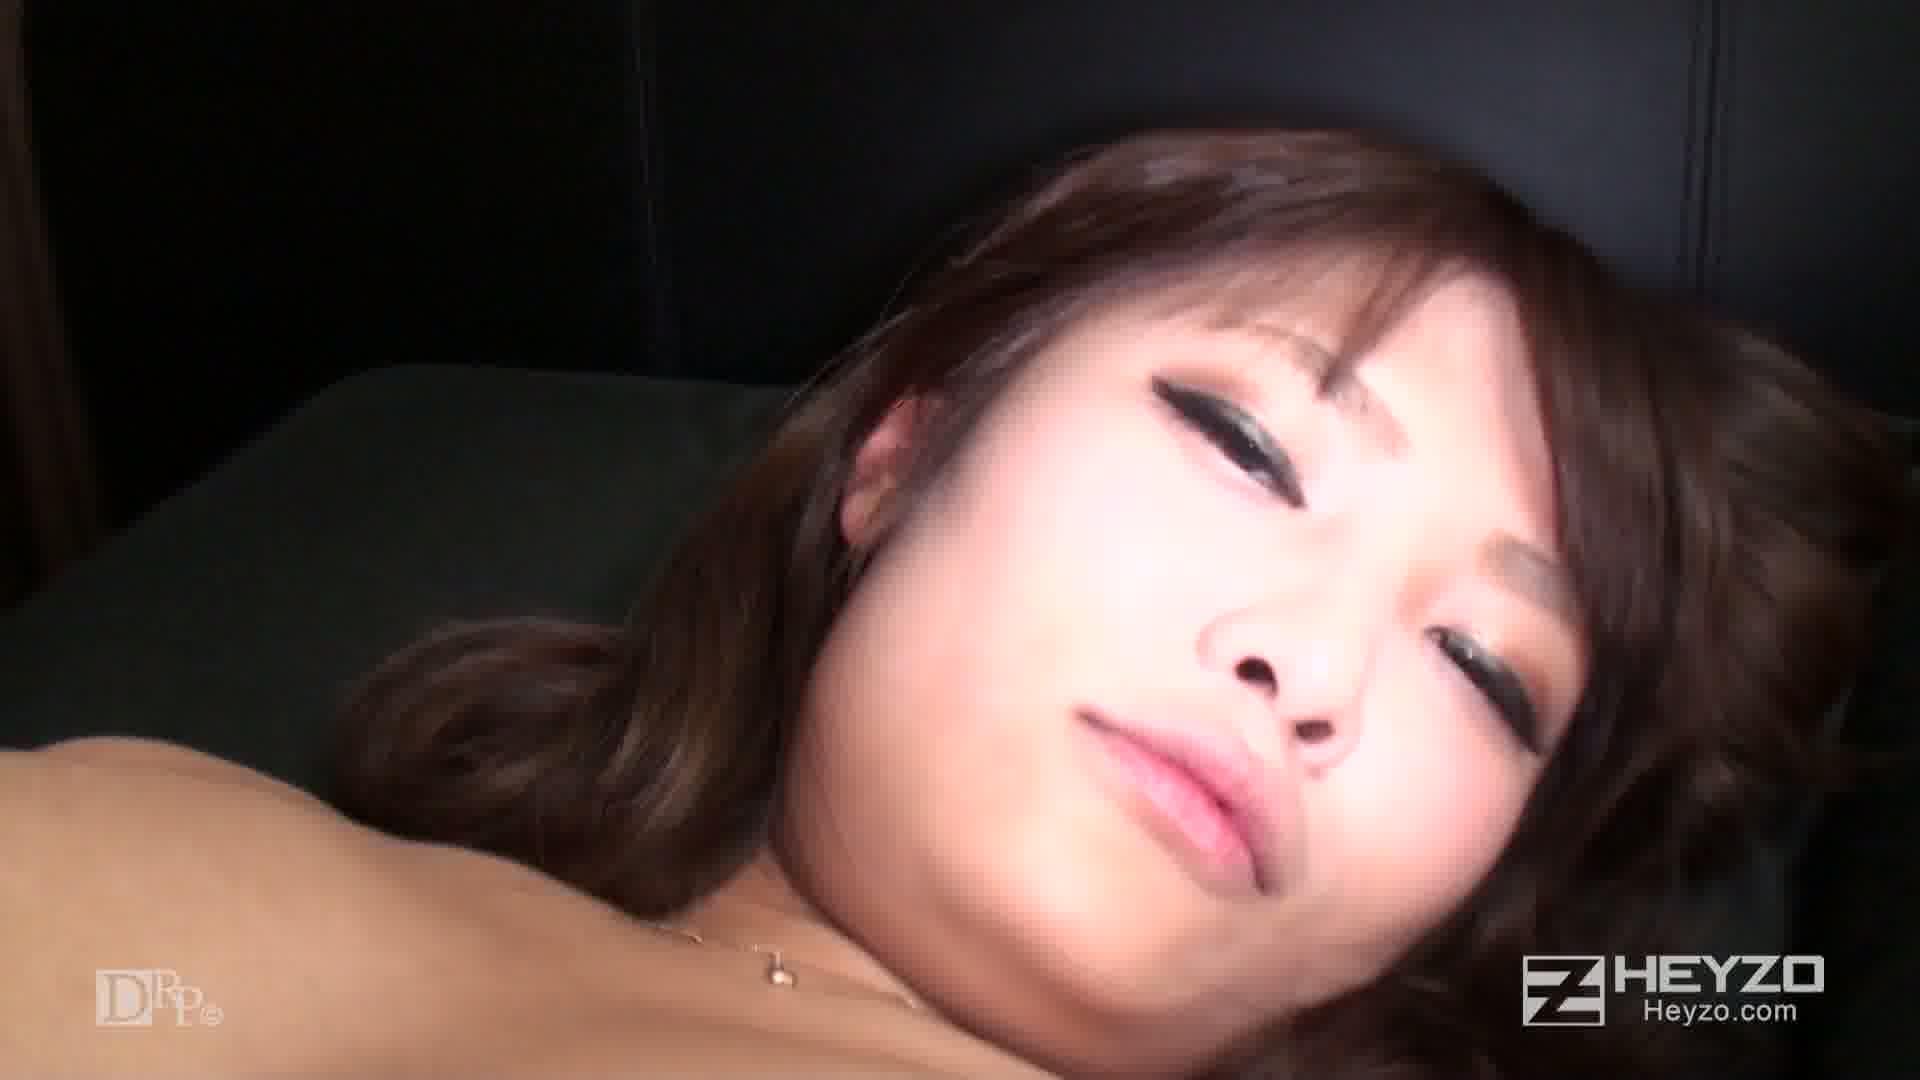 巨乳彼女の博多弁に昇天寸前~ハメ撮りで興奮度120%~ - 相沢桃華【バック フェラ クンニ 正常位】